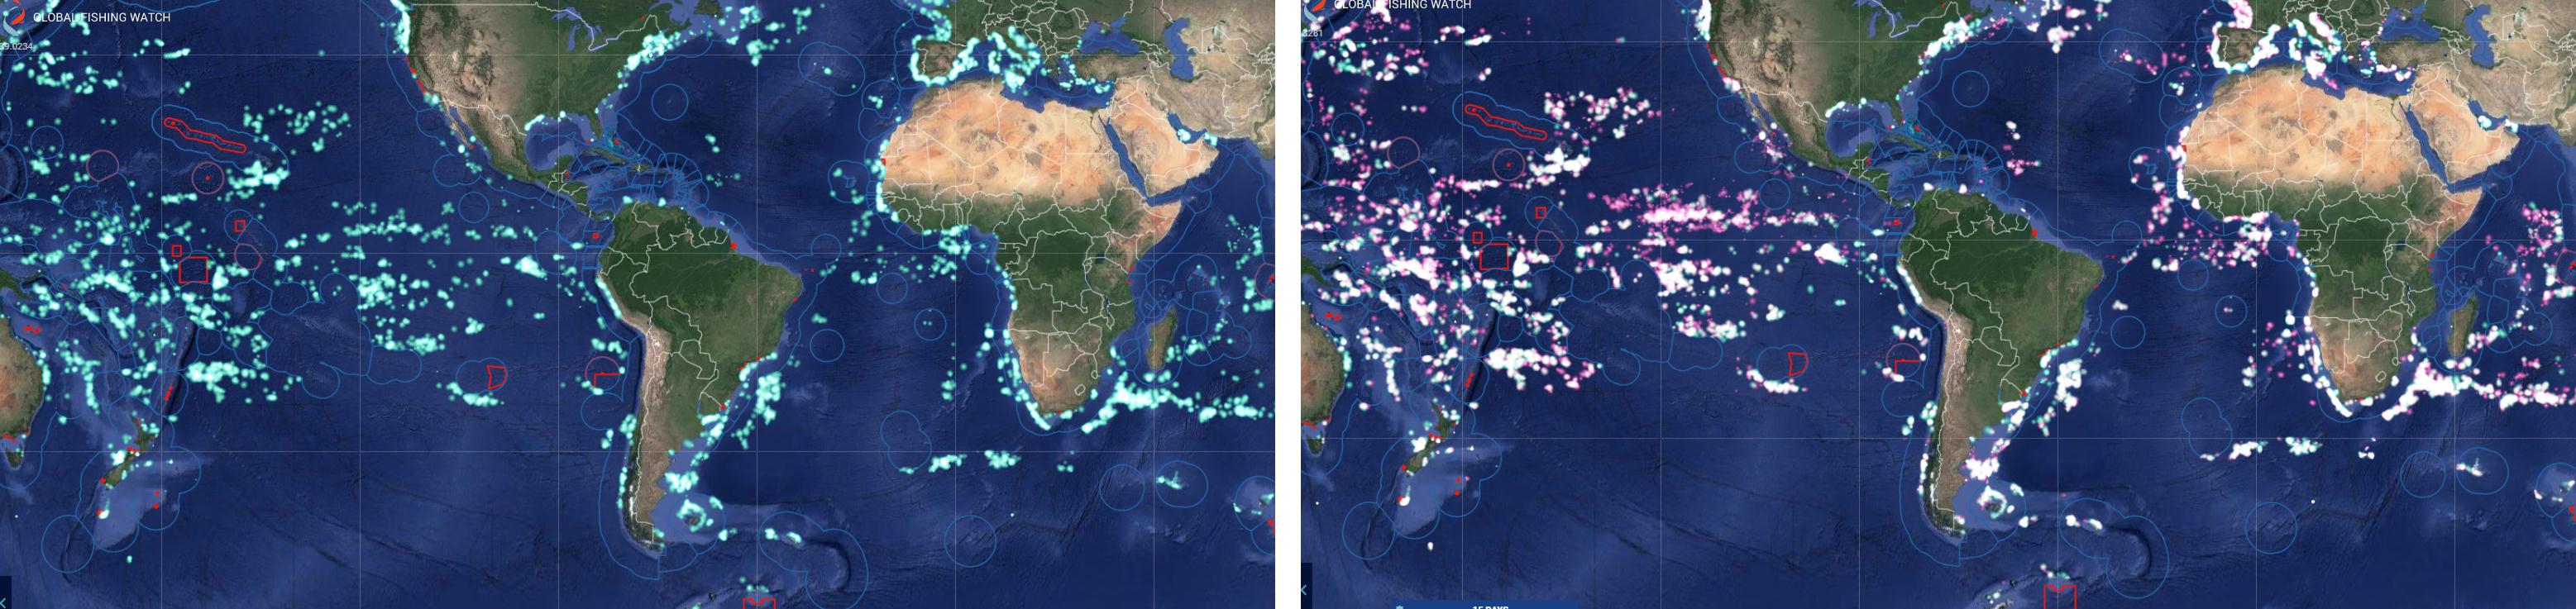 Fishing data